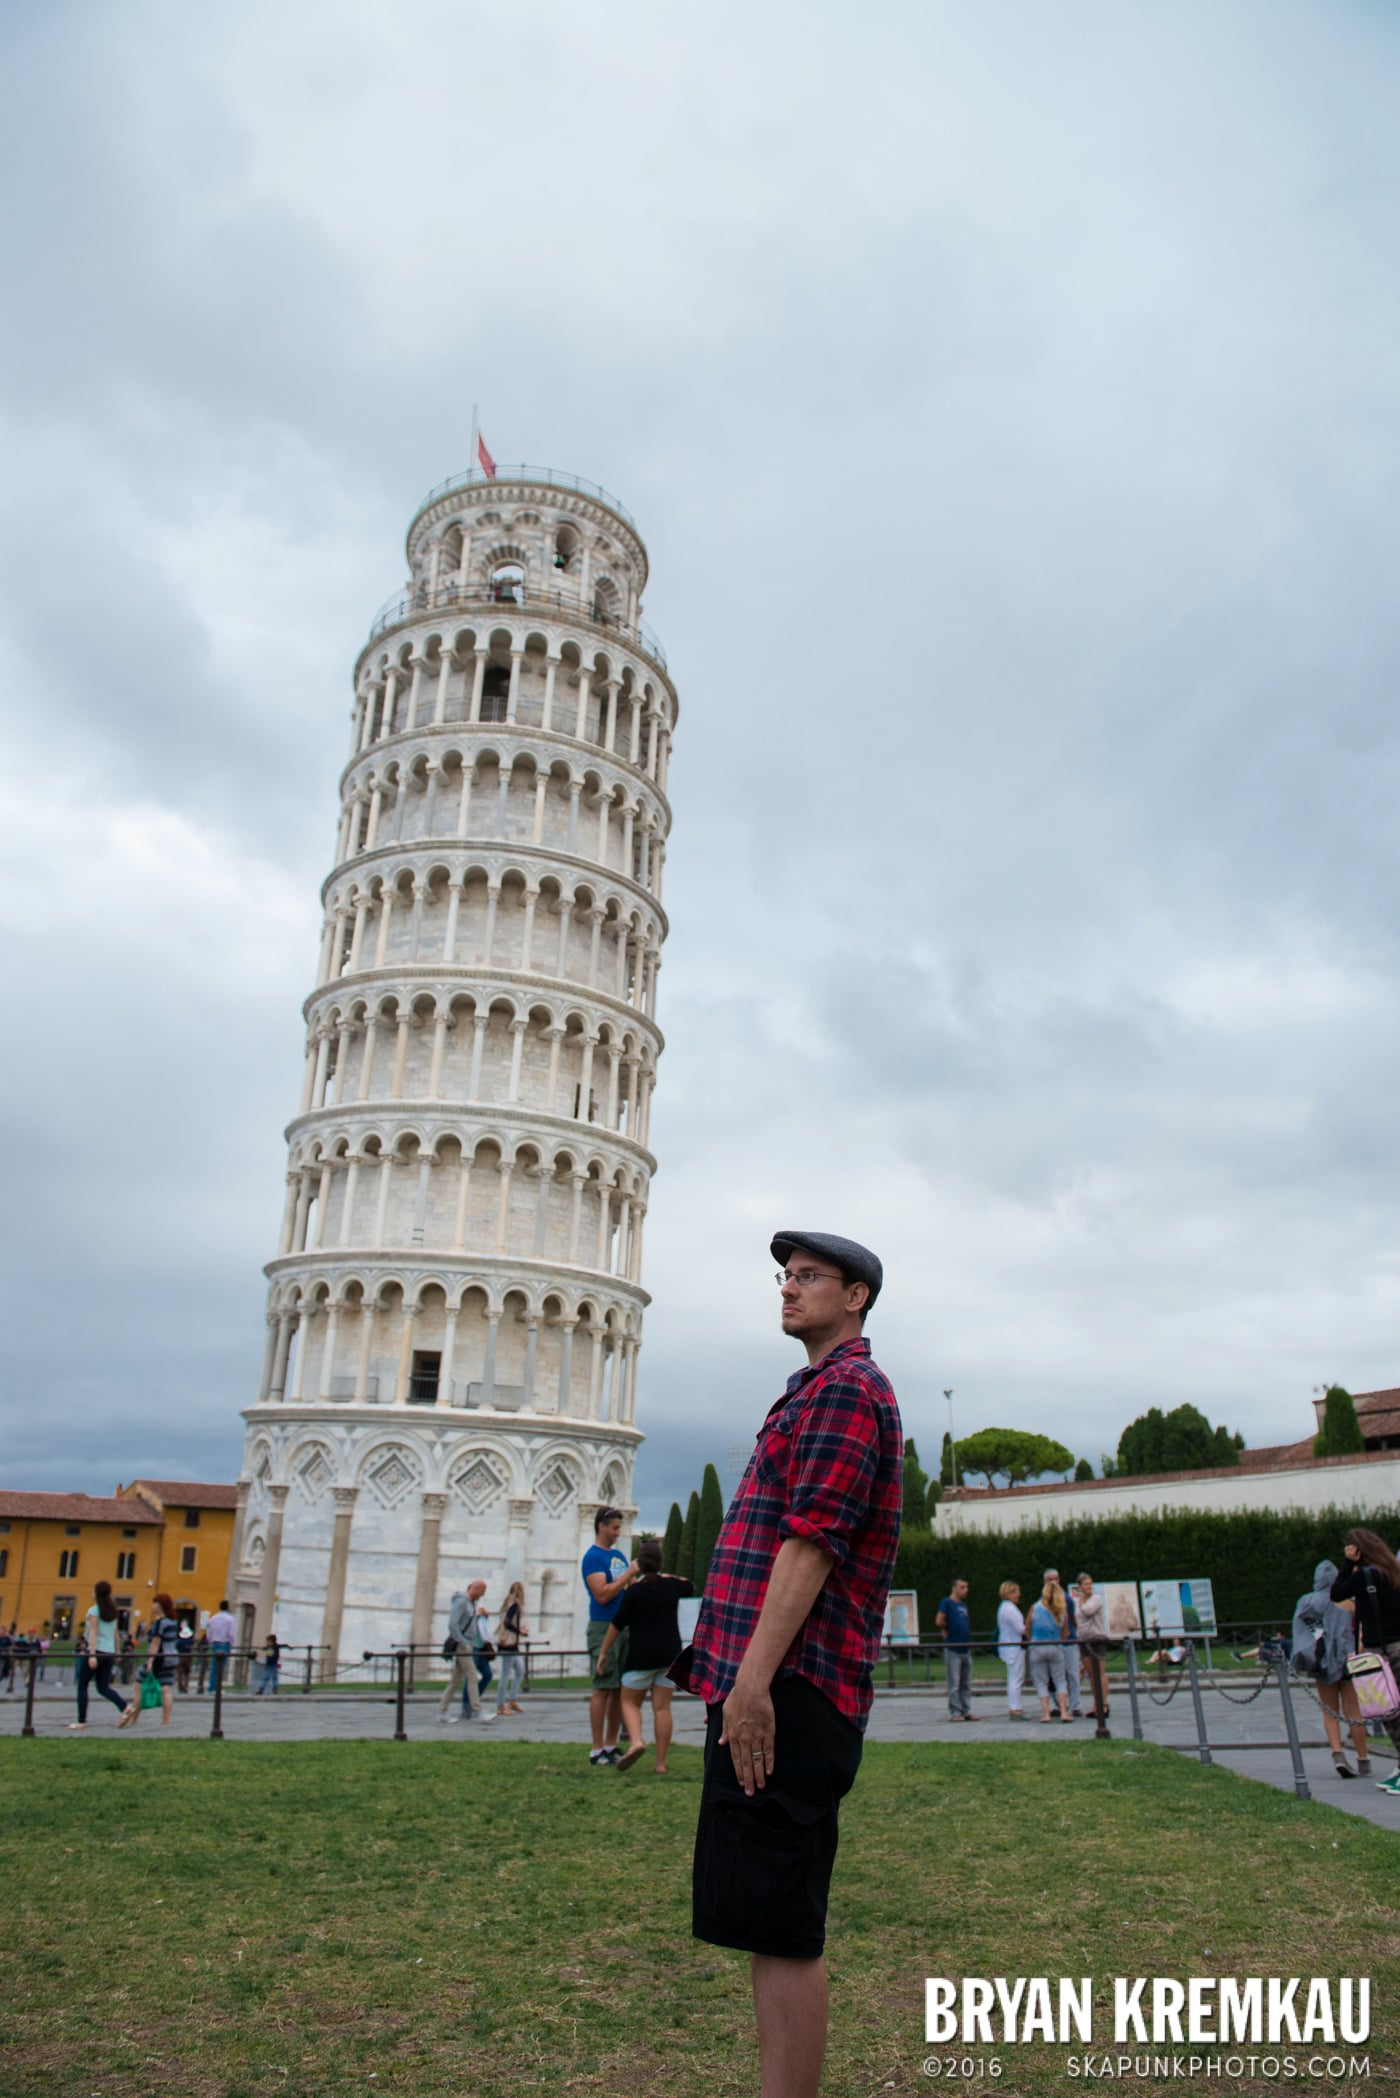 Italy Vacation - Day 8: Siena, San Gimignano, Chianti, Pisa - 9.16.13 (17)